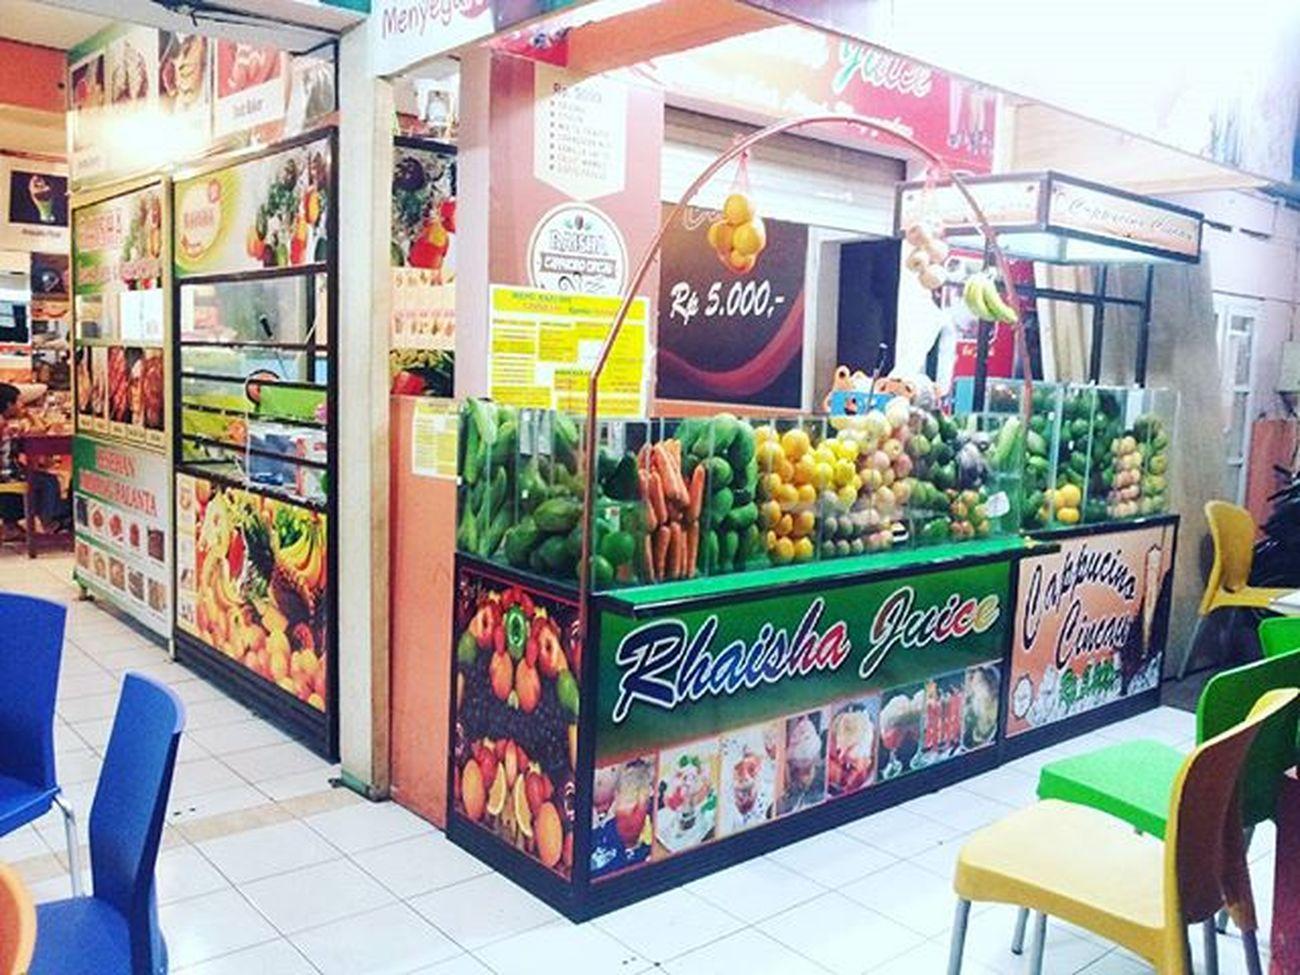 Bantu share YANG SEGAR-SEGAR RAISHA ANEKA JUICE alamat : Jl. JEND SUDIRMAN 140 BANTUL (sebelah Rumah Sakit PKU Muhammadiyah) PIN : 582491EE Telfon : 081578036661 Info lainnya Cabang RAISHA ANEKA JUICE Sekitaran BANTUL - JL. PARANGTRITIS KM 6,5 - JL. IMOGIRI Heatly Juice Heatlylife Drinks Raishaanekajuice Yogyakarta Jogjakarta Jogja Yogya Bantul Sewon Indonesiakuliner Indonesiamakanbuah Buah Sehat INDONESIA Kuliner Yogyakartakuliner Imogiri Minum Minumansehat